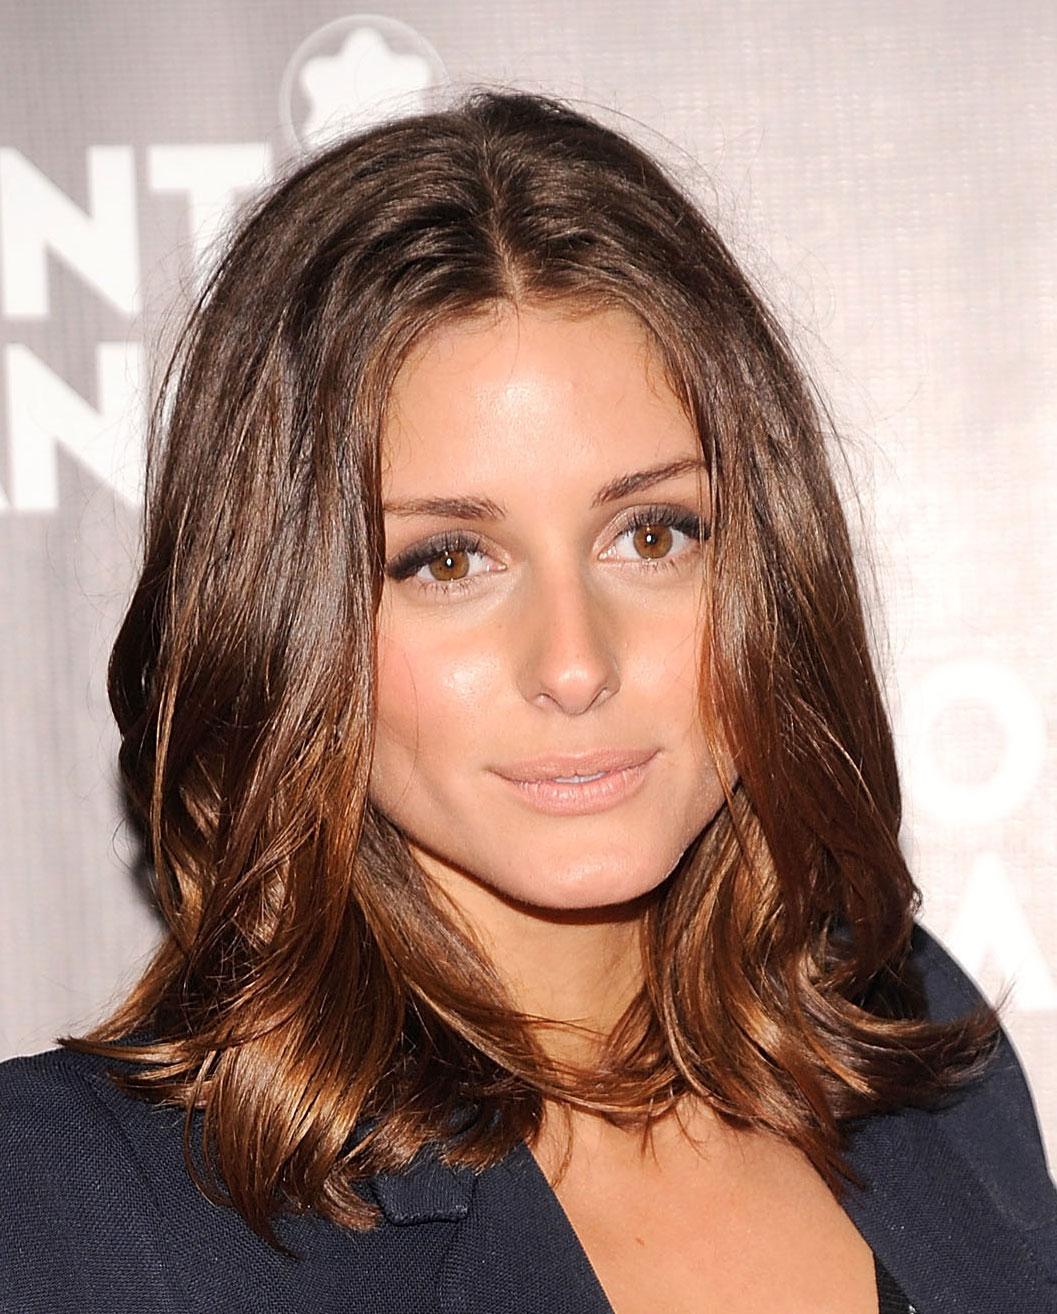 прически 2012 для волос ниже плеч фото